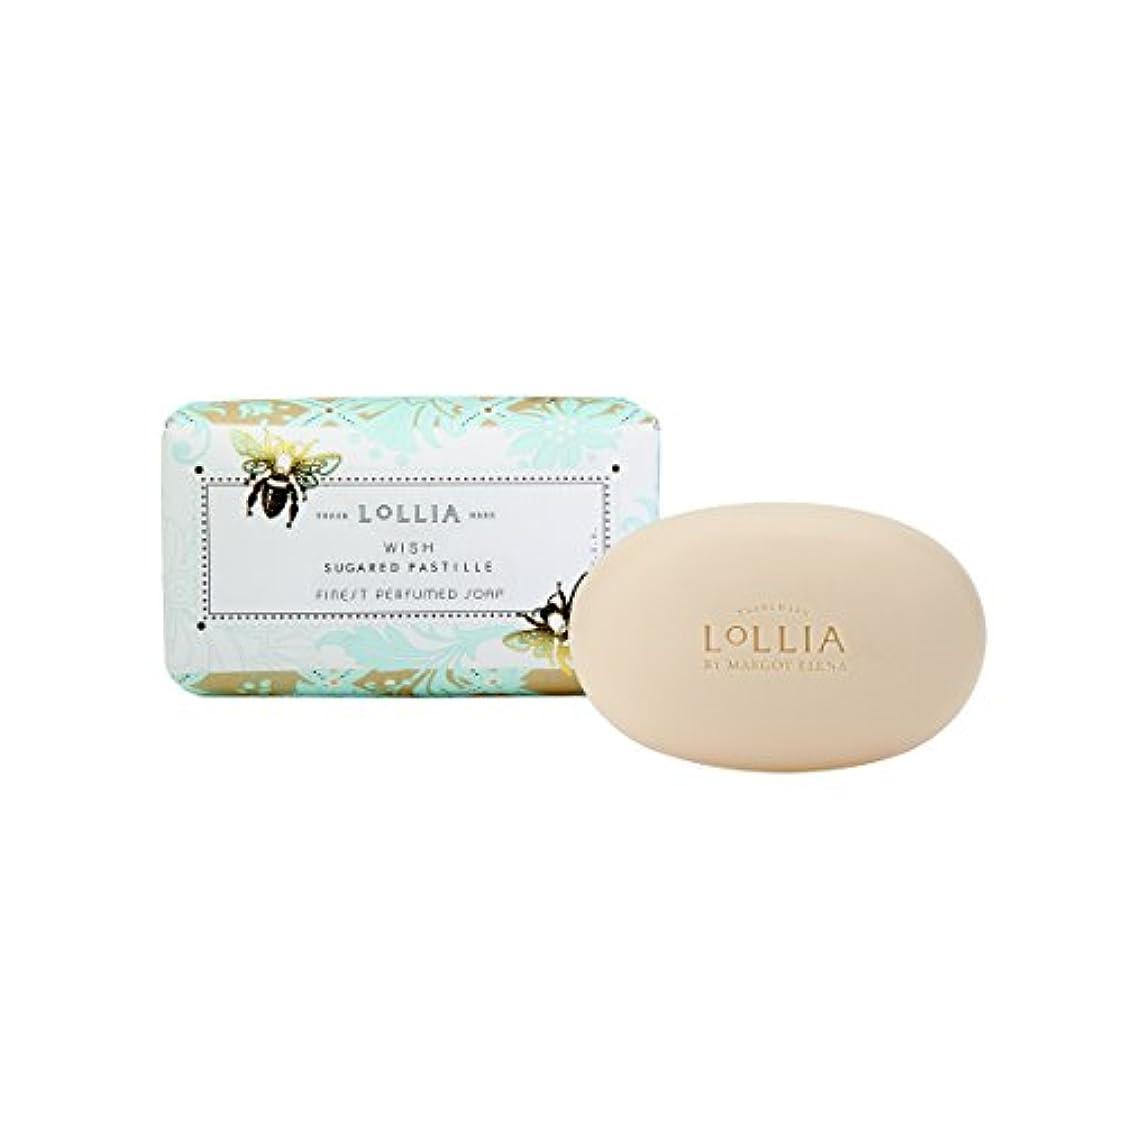 知覚する確実テストロリア(LoLLIA) フレグランスソープ140g Wish(化粧石けん 全身用洗浄料 ジャスミン、イランイラン、アンバー、ベルガモットの香り)